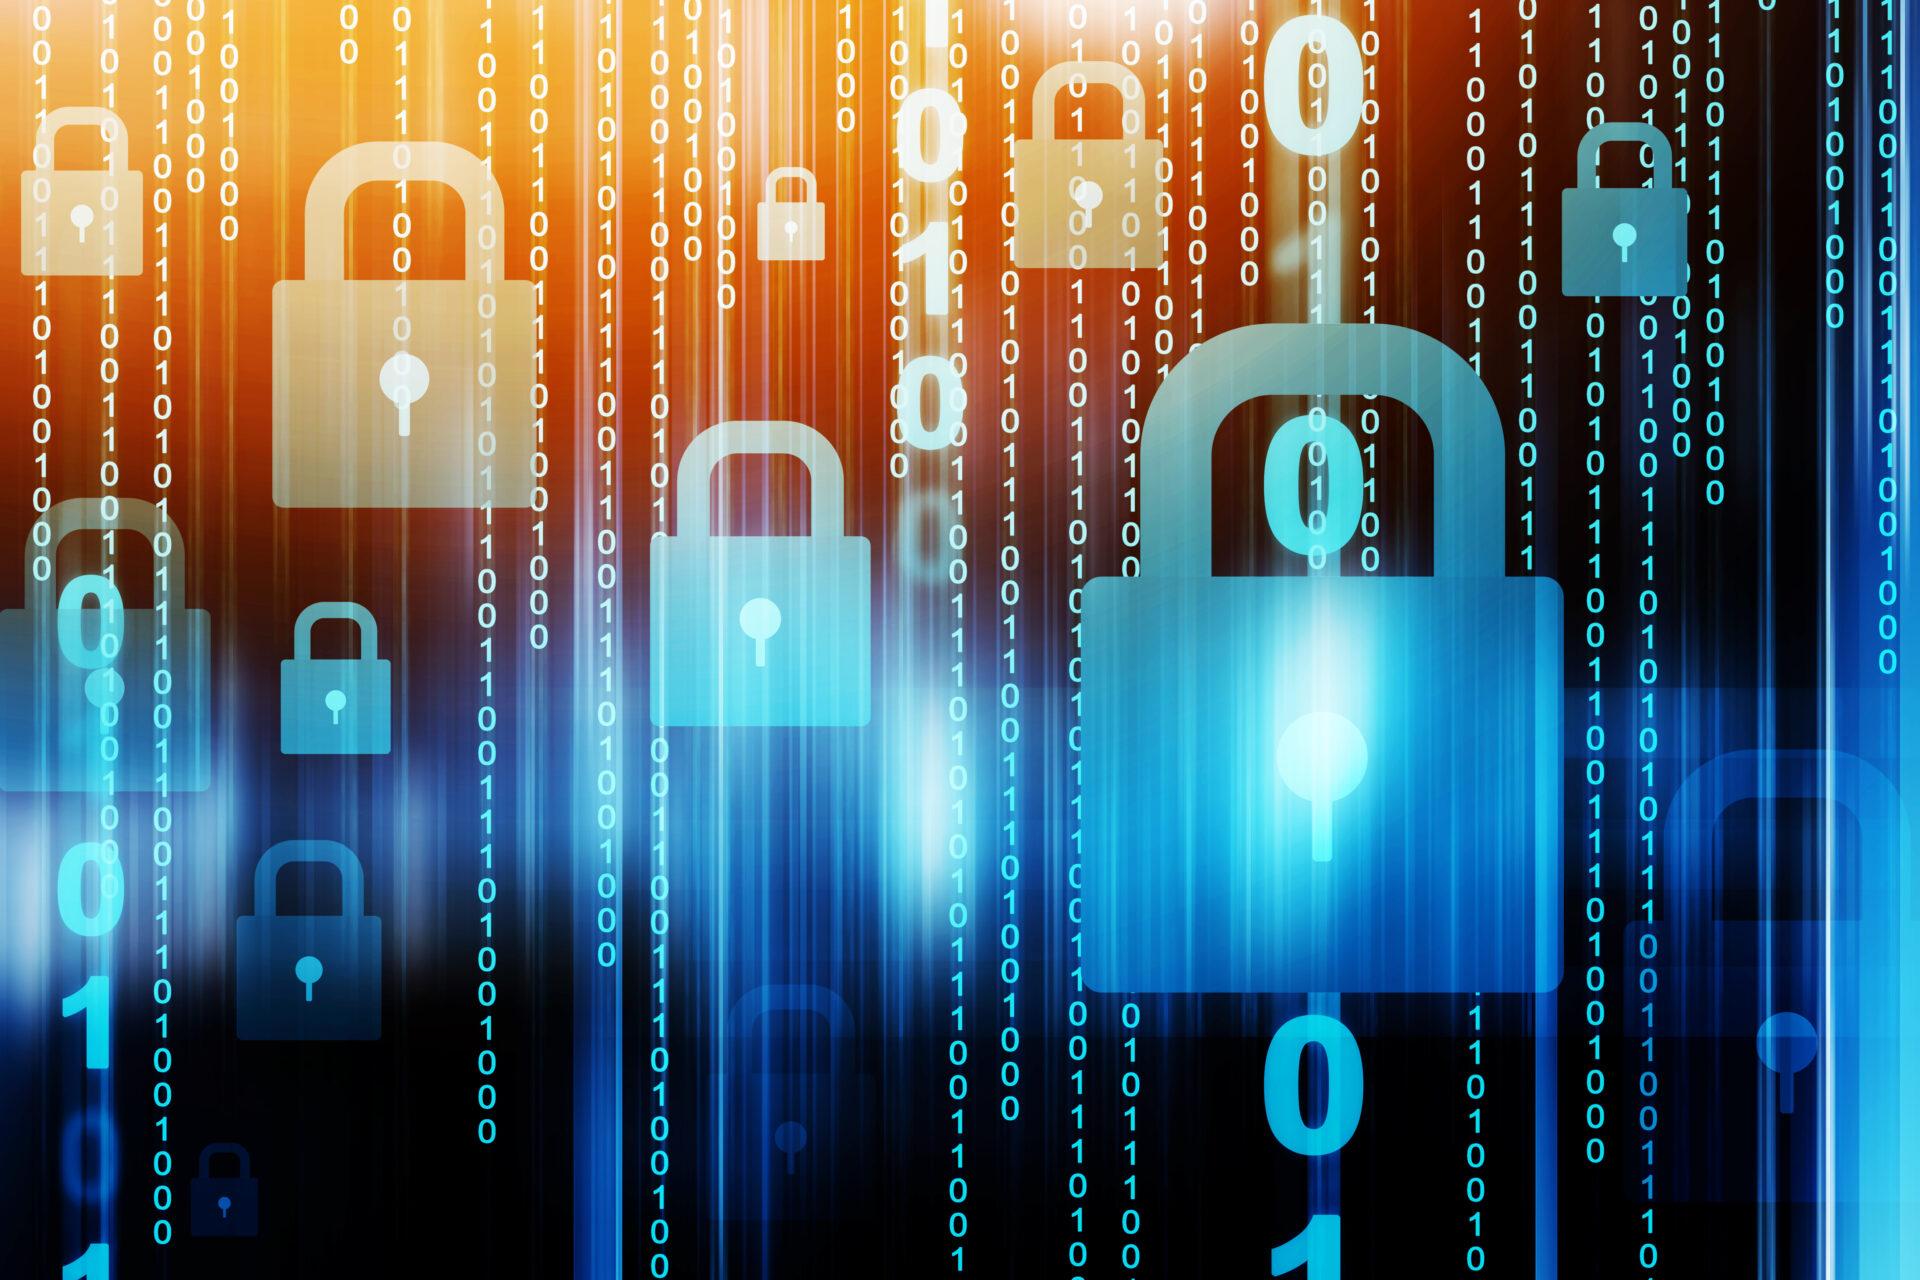 L'ordinateur quantique va-il mettre à mal la cybersécurité mondiale